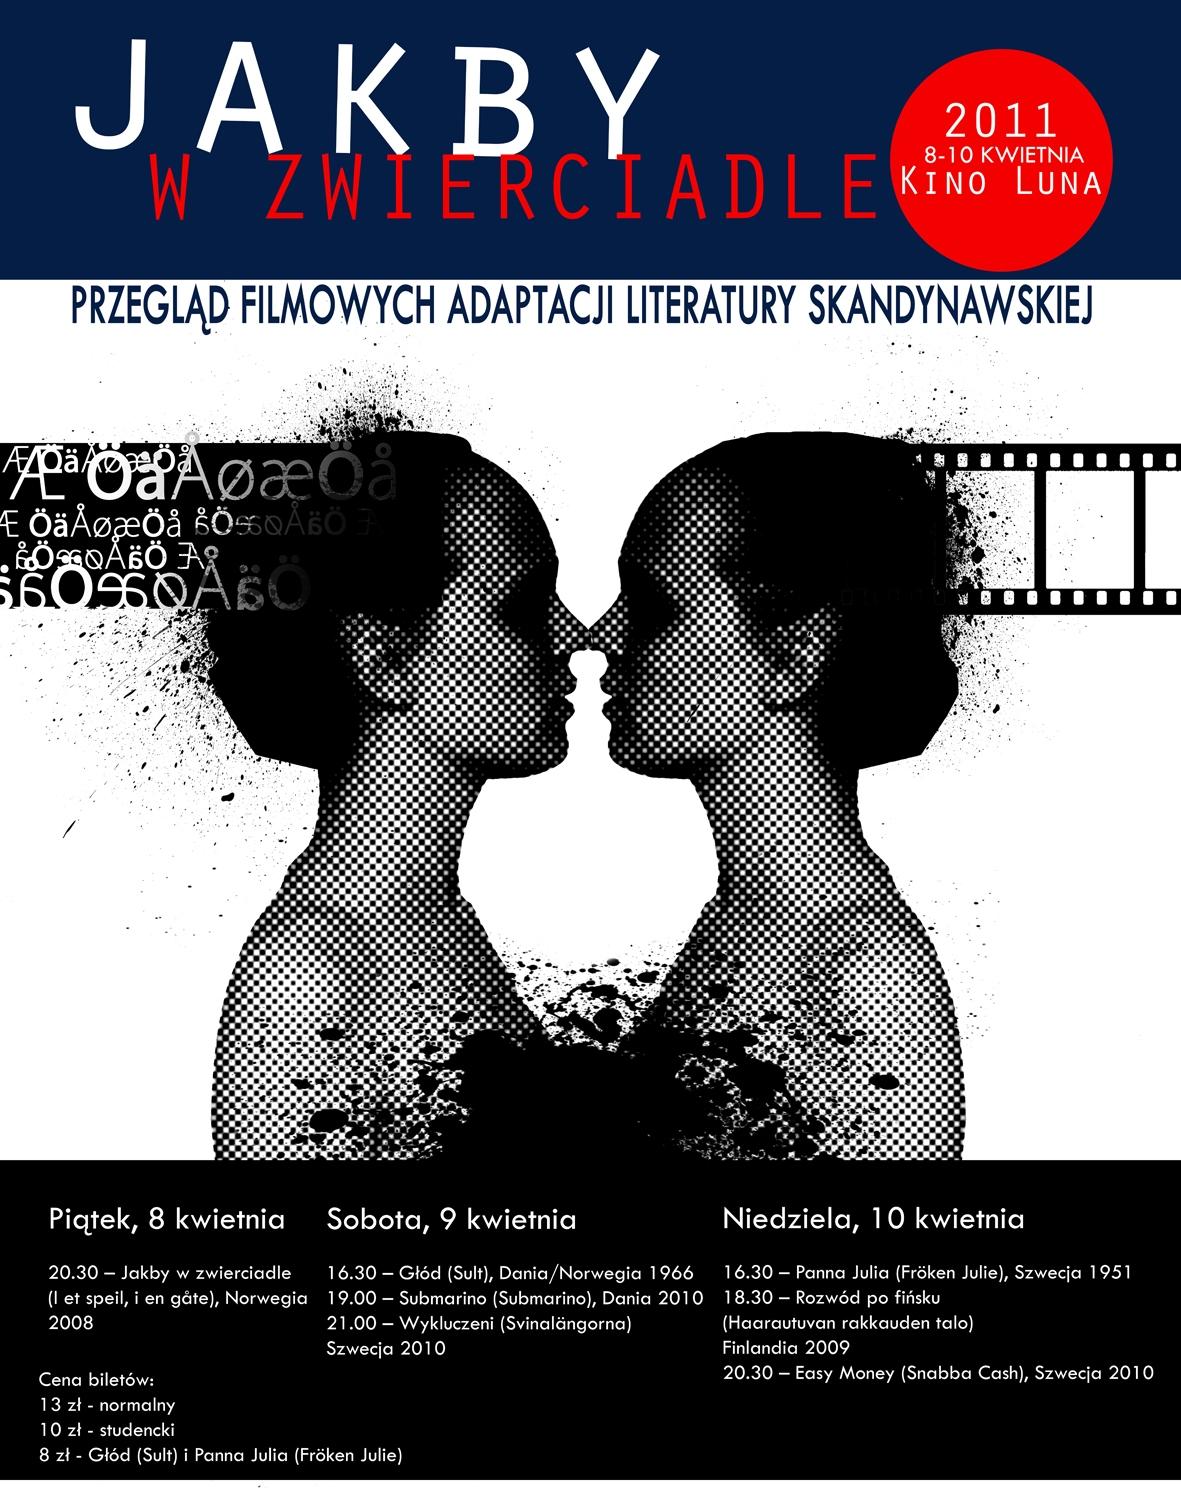 plakat-jakby-w-zwierciadle-2011.04.01.jpg